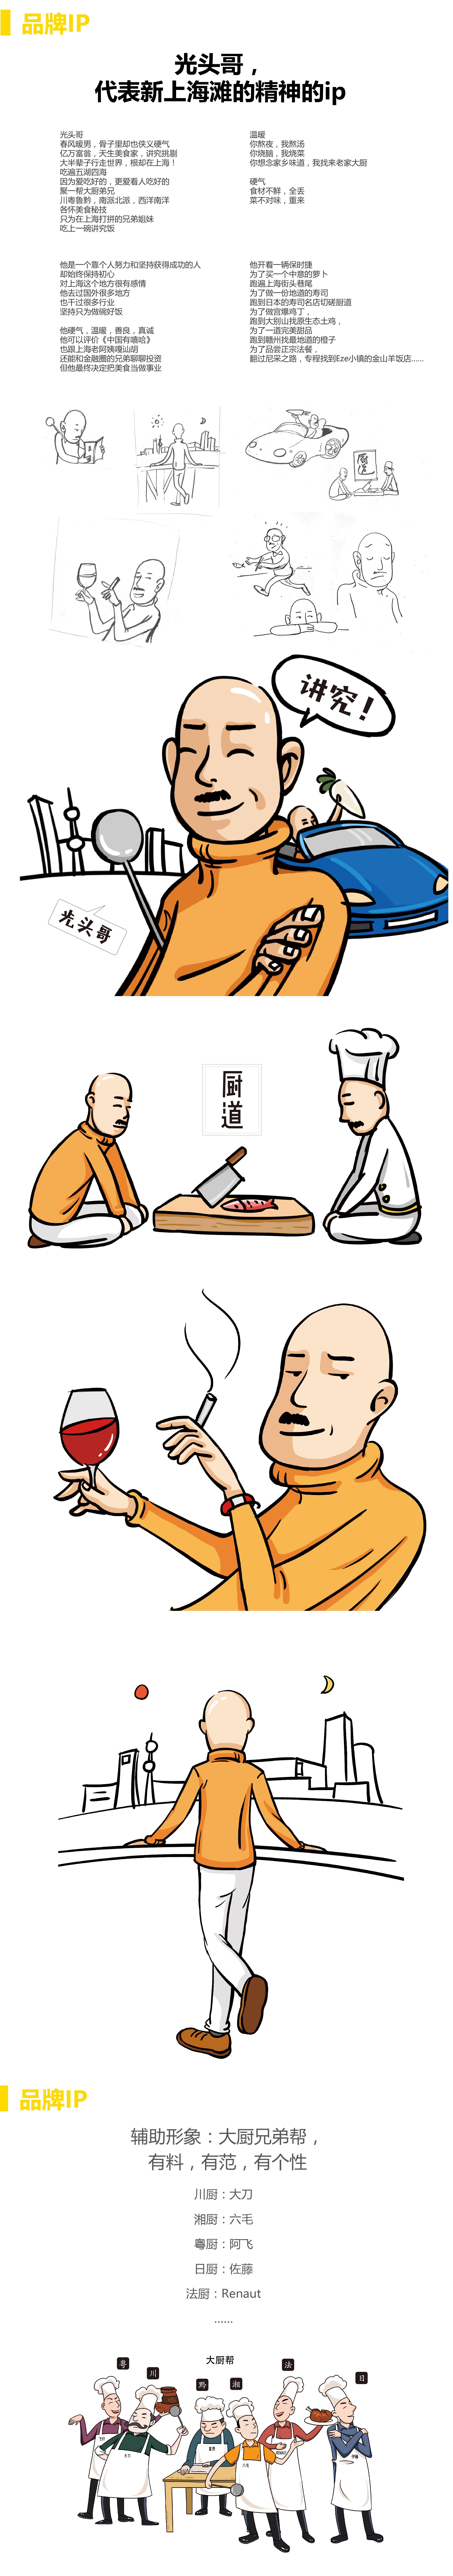 一碗饭官网-08